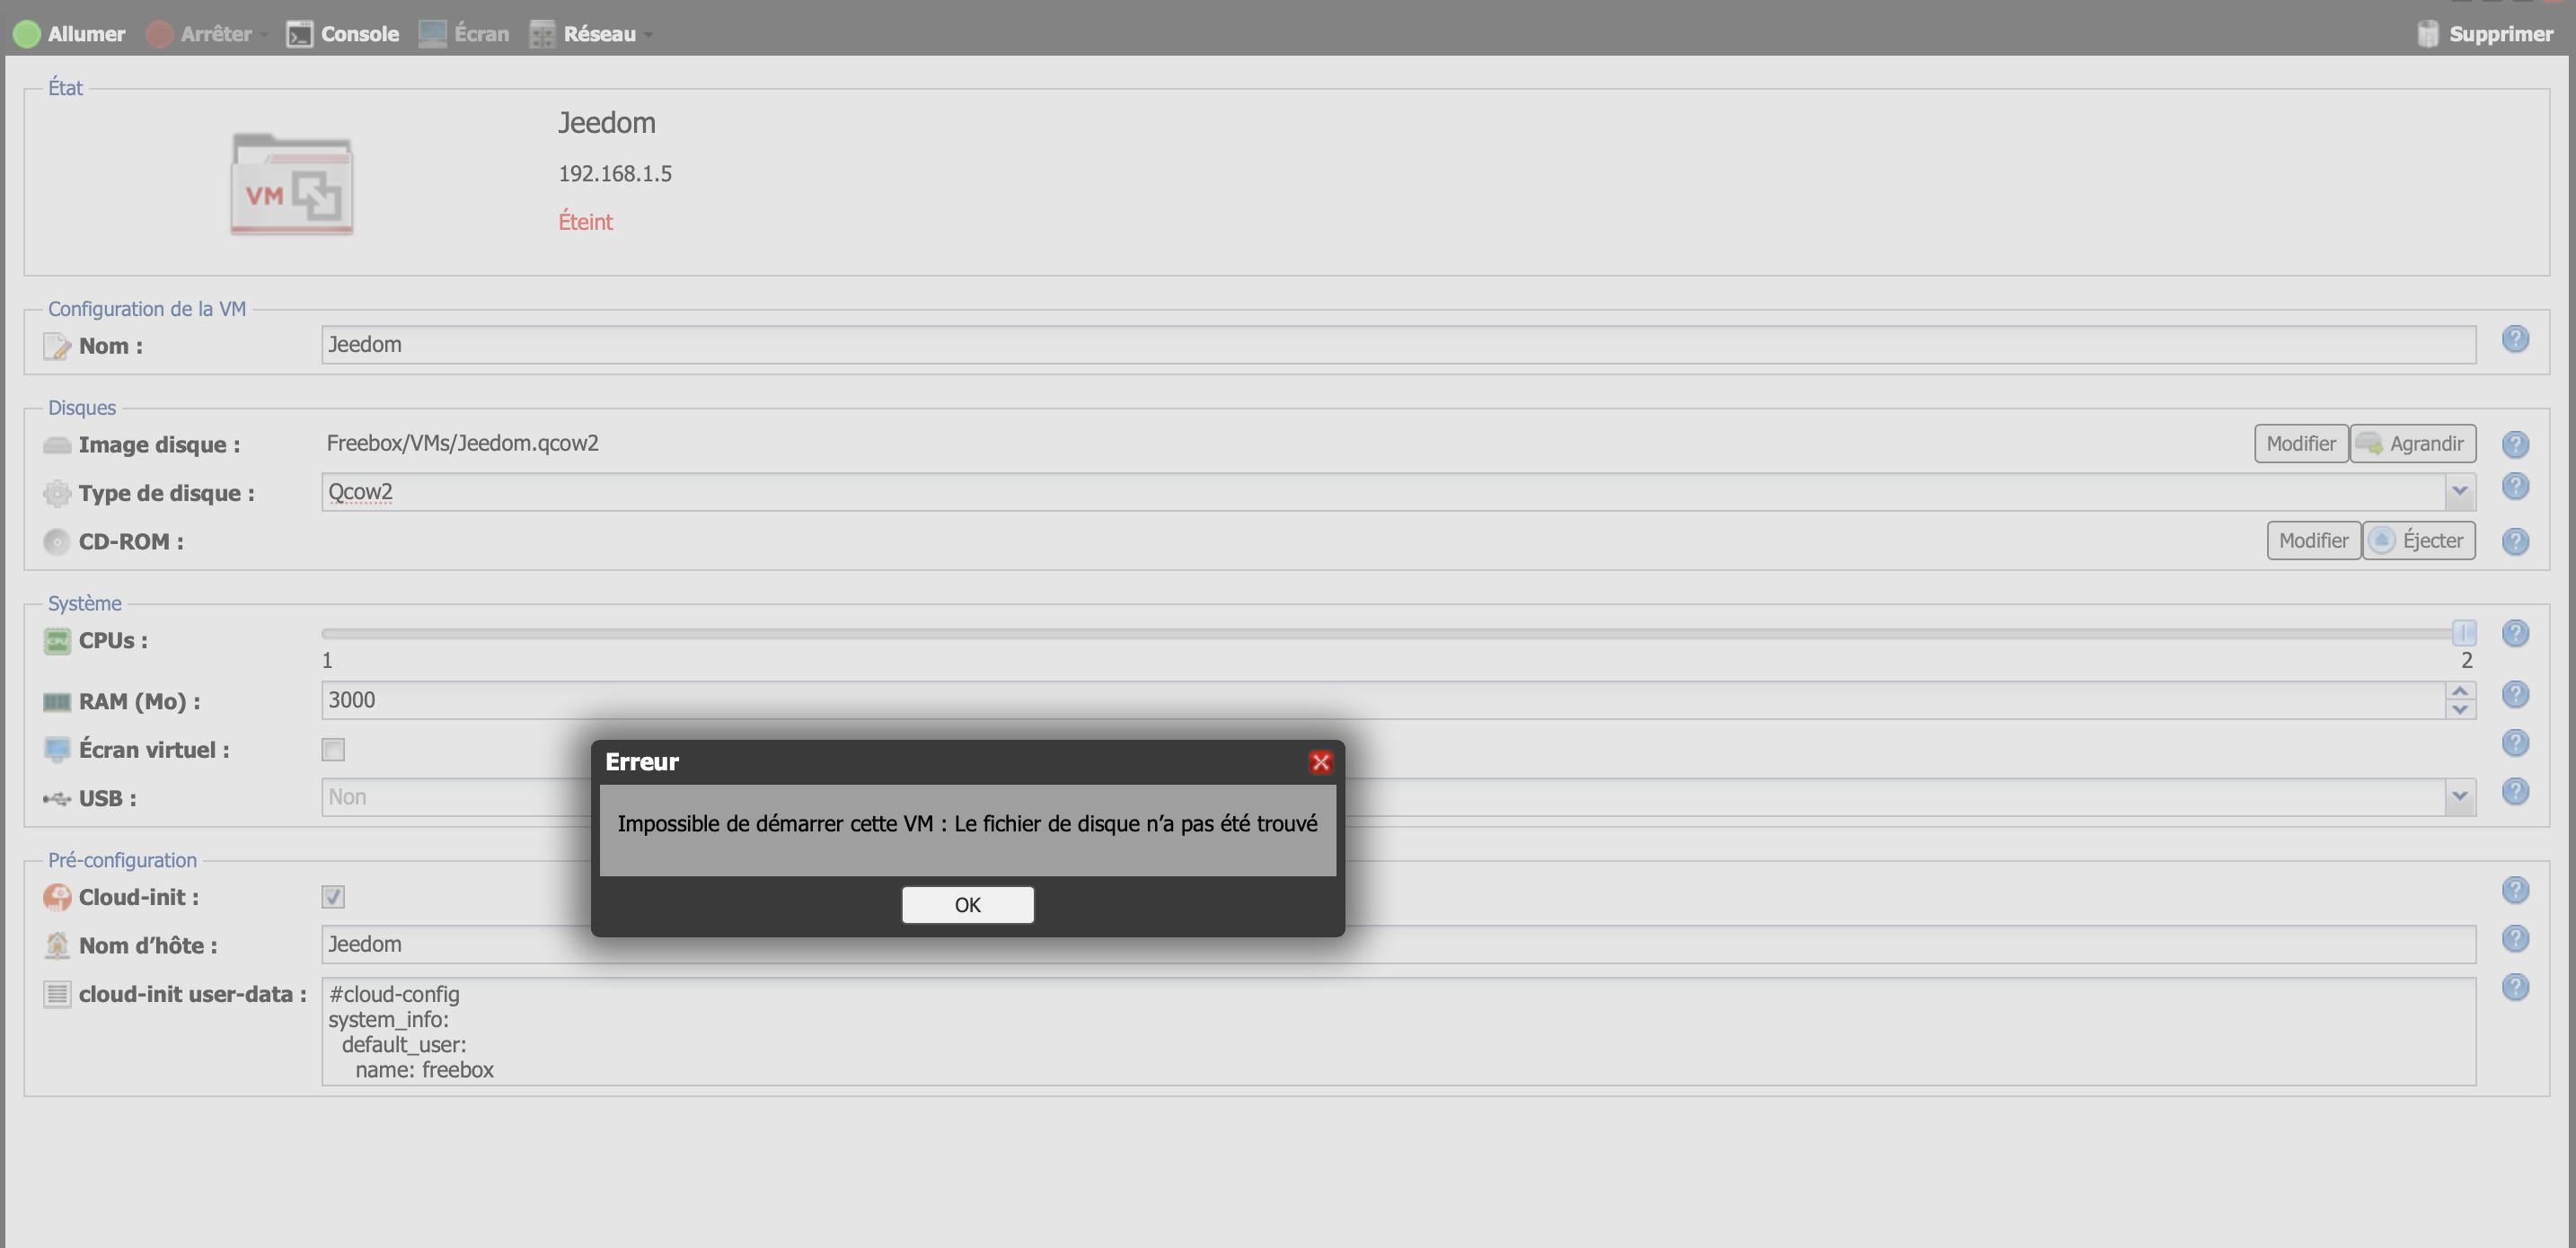 Capture d'écran 2020-07-12 à 09.51.31